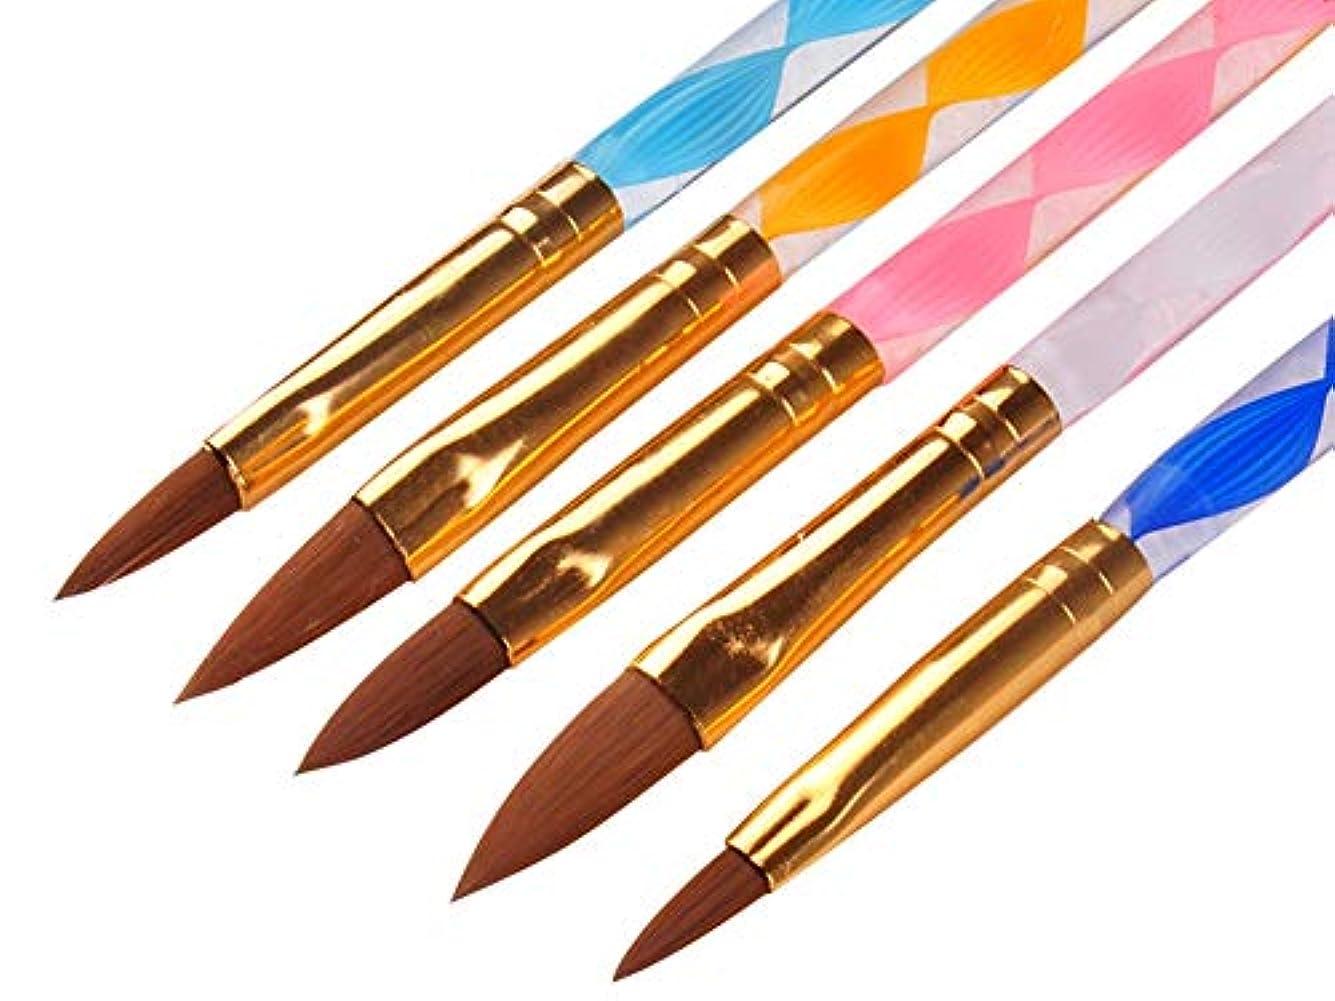 スムーズにメジャー恐れRant Bell スカルプ ブラシ セットアクリル 3D ネイル オーバル筆 黄色 白 ピンク 青 紫 5本セット